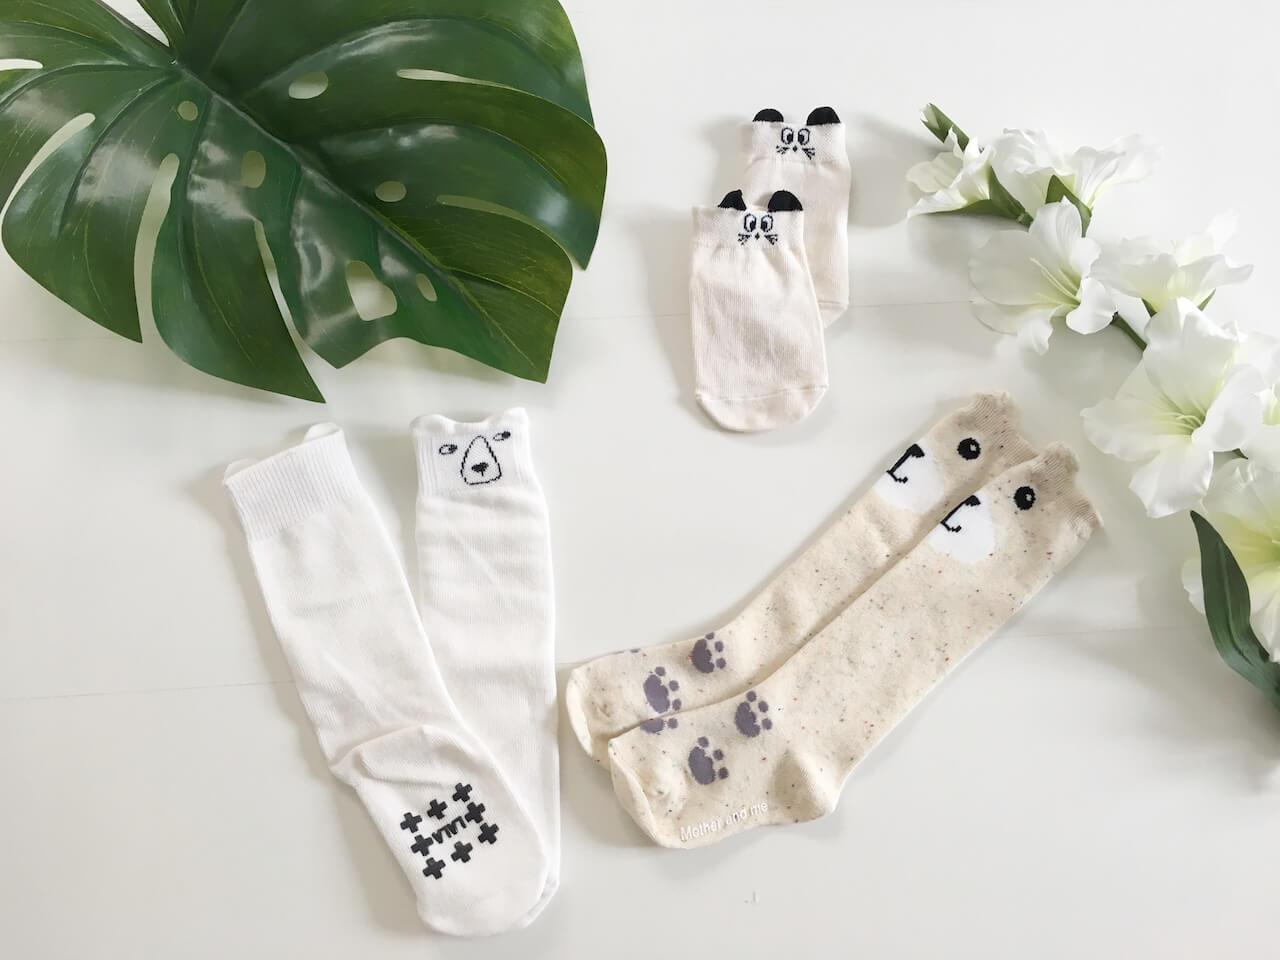 weetjesboek 2 - 5x leuke sokken voor kinderen én volwassenen